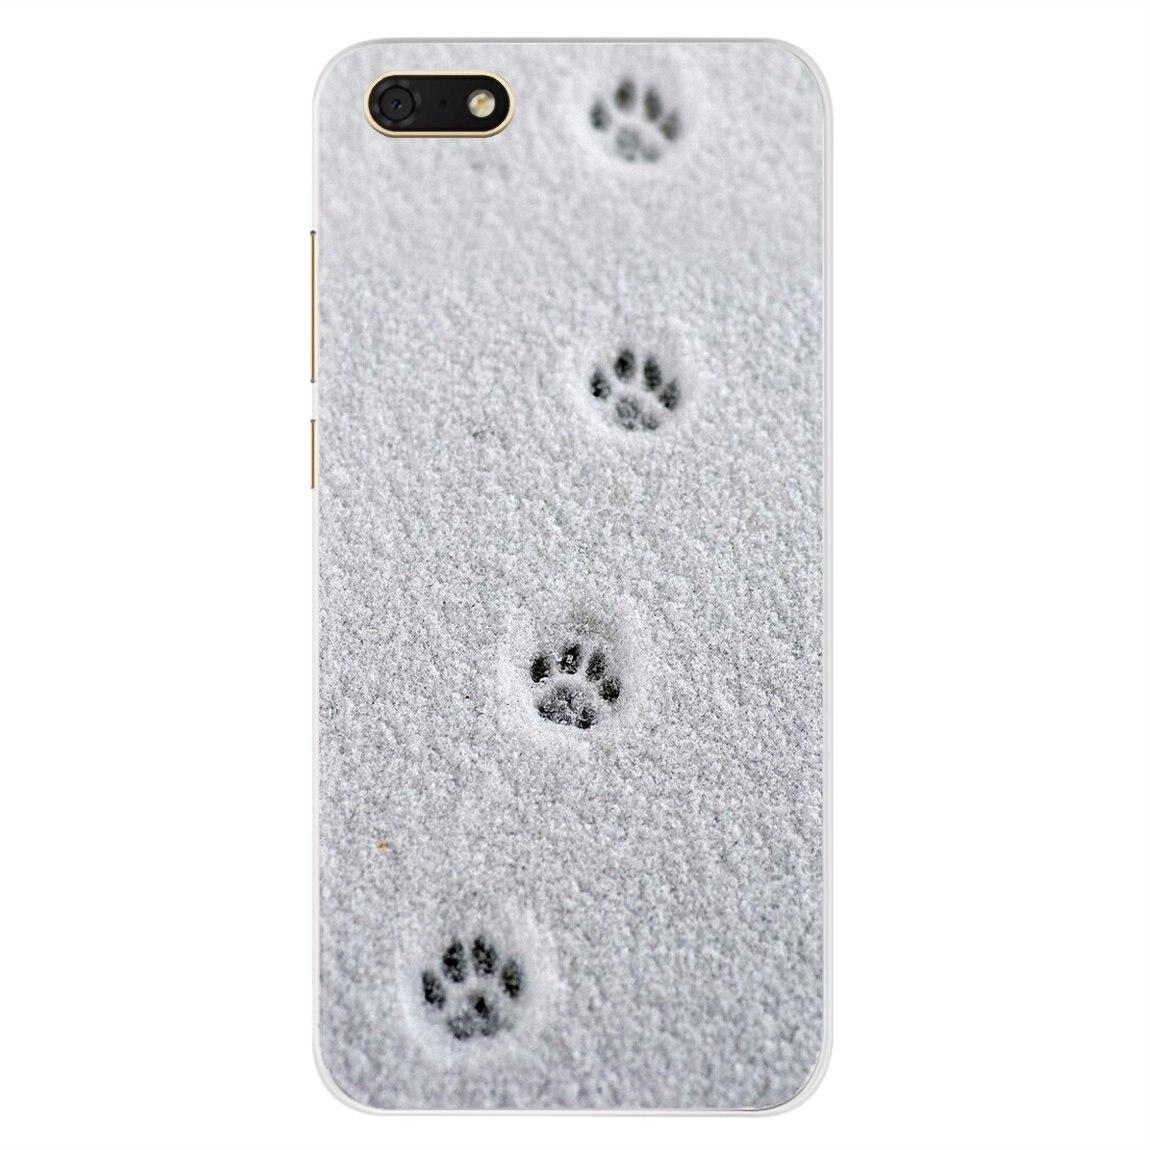 Funda de teléfono de silicona personalizada con diseño de garra de gato para Sony Xperia XA Z Z1 Z2 Z3 Z5 XZ1 XZ2 compact M2 M4 M5 C4 C6 E3 T3